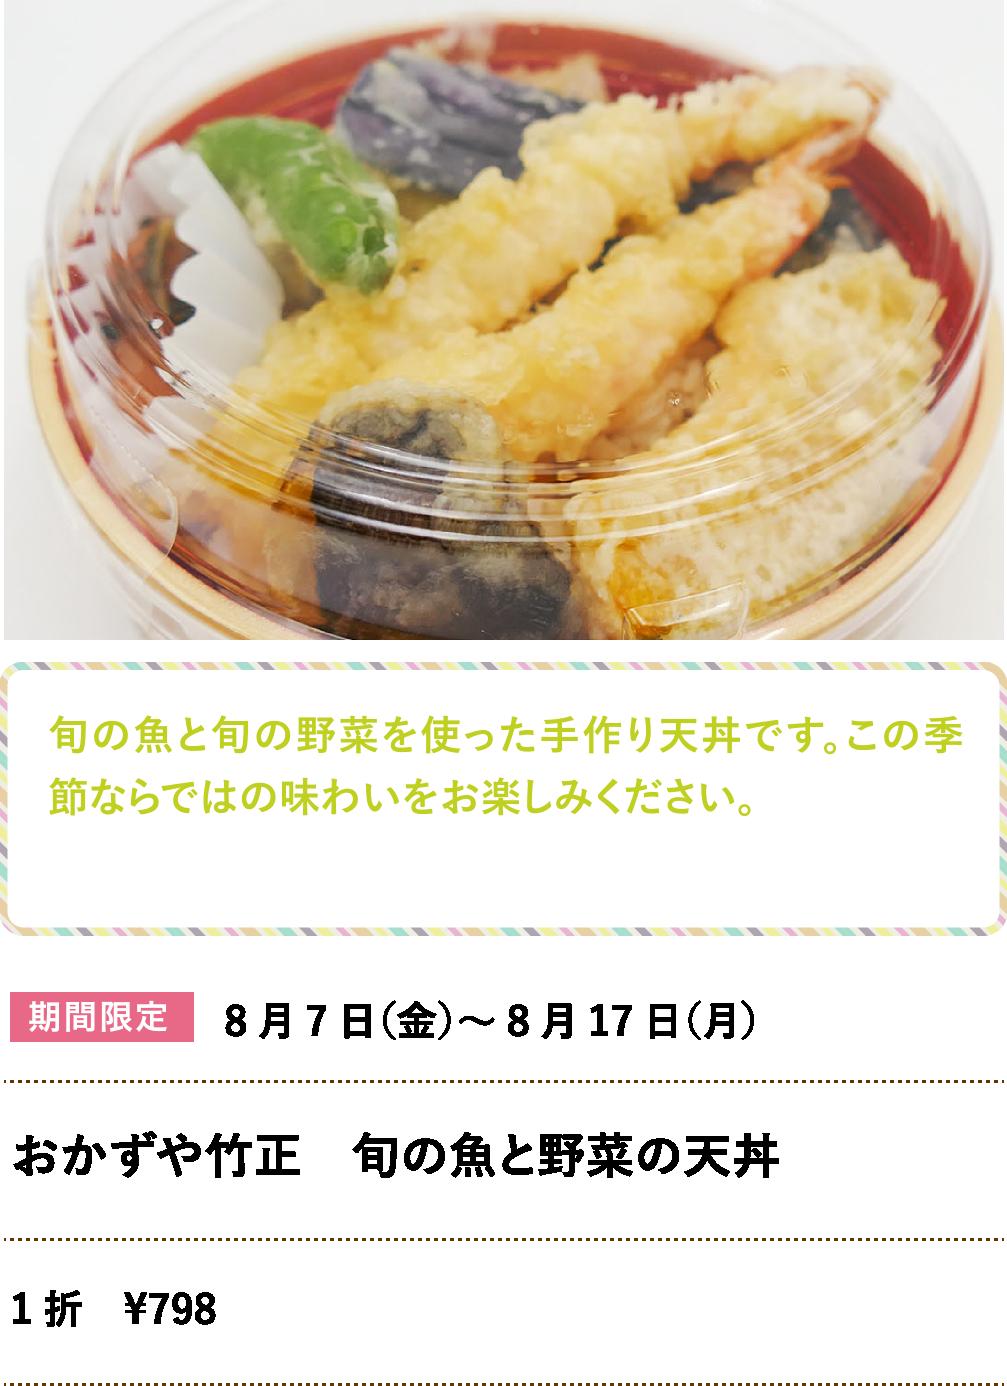 おかずや竹正 旬の魚と野菜の天丼